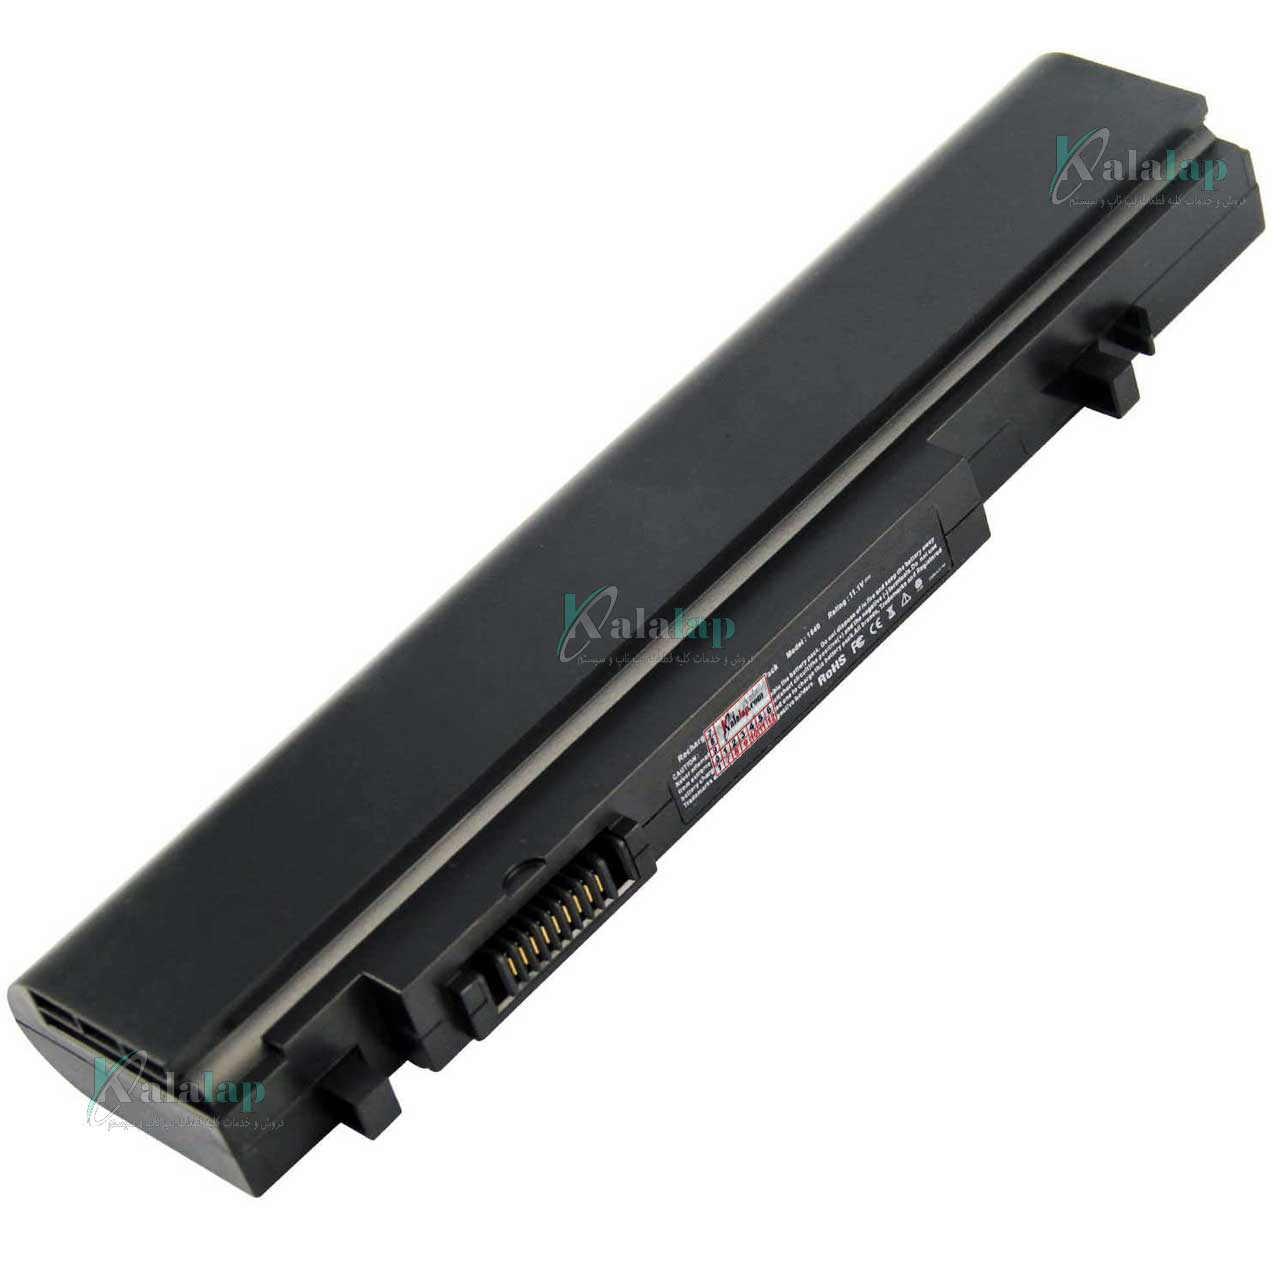 باتری لپ تاپ دل Battery Dell XPS M1640 1640